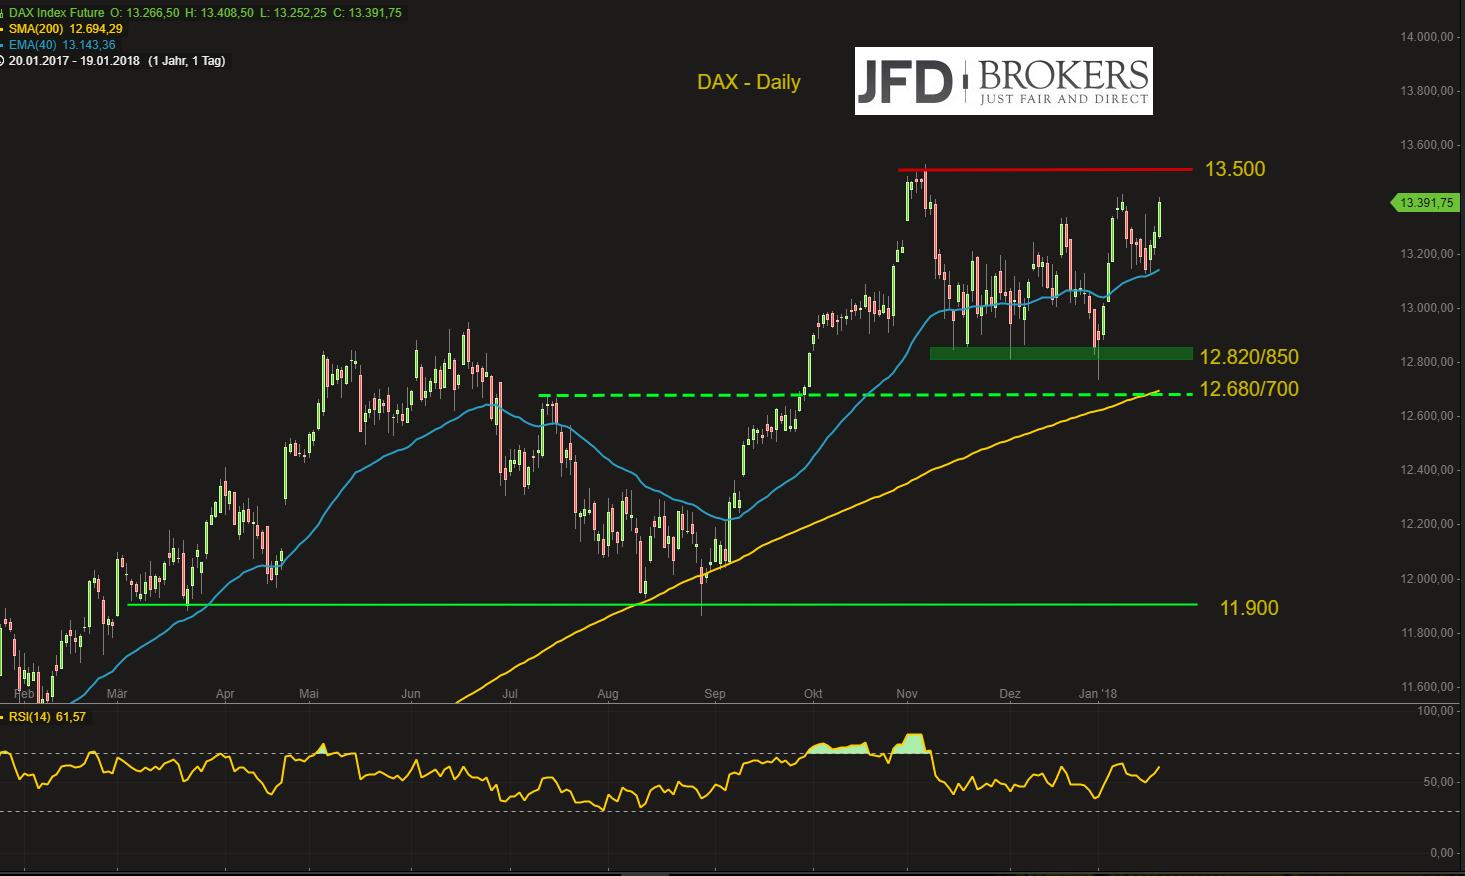 Zu-wessen-Gunsten-werden-die-Würfel-im-DAX-kommende-Woche-fallen-Bullen-oder-Bären-Kommentar-JFD-Brokers-GodmodeTrader.de-2